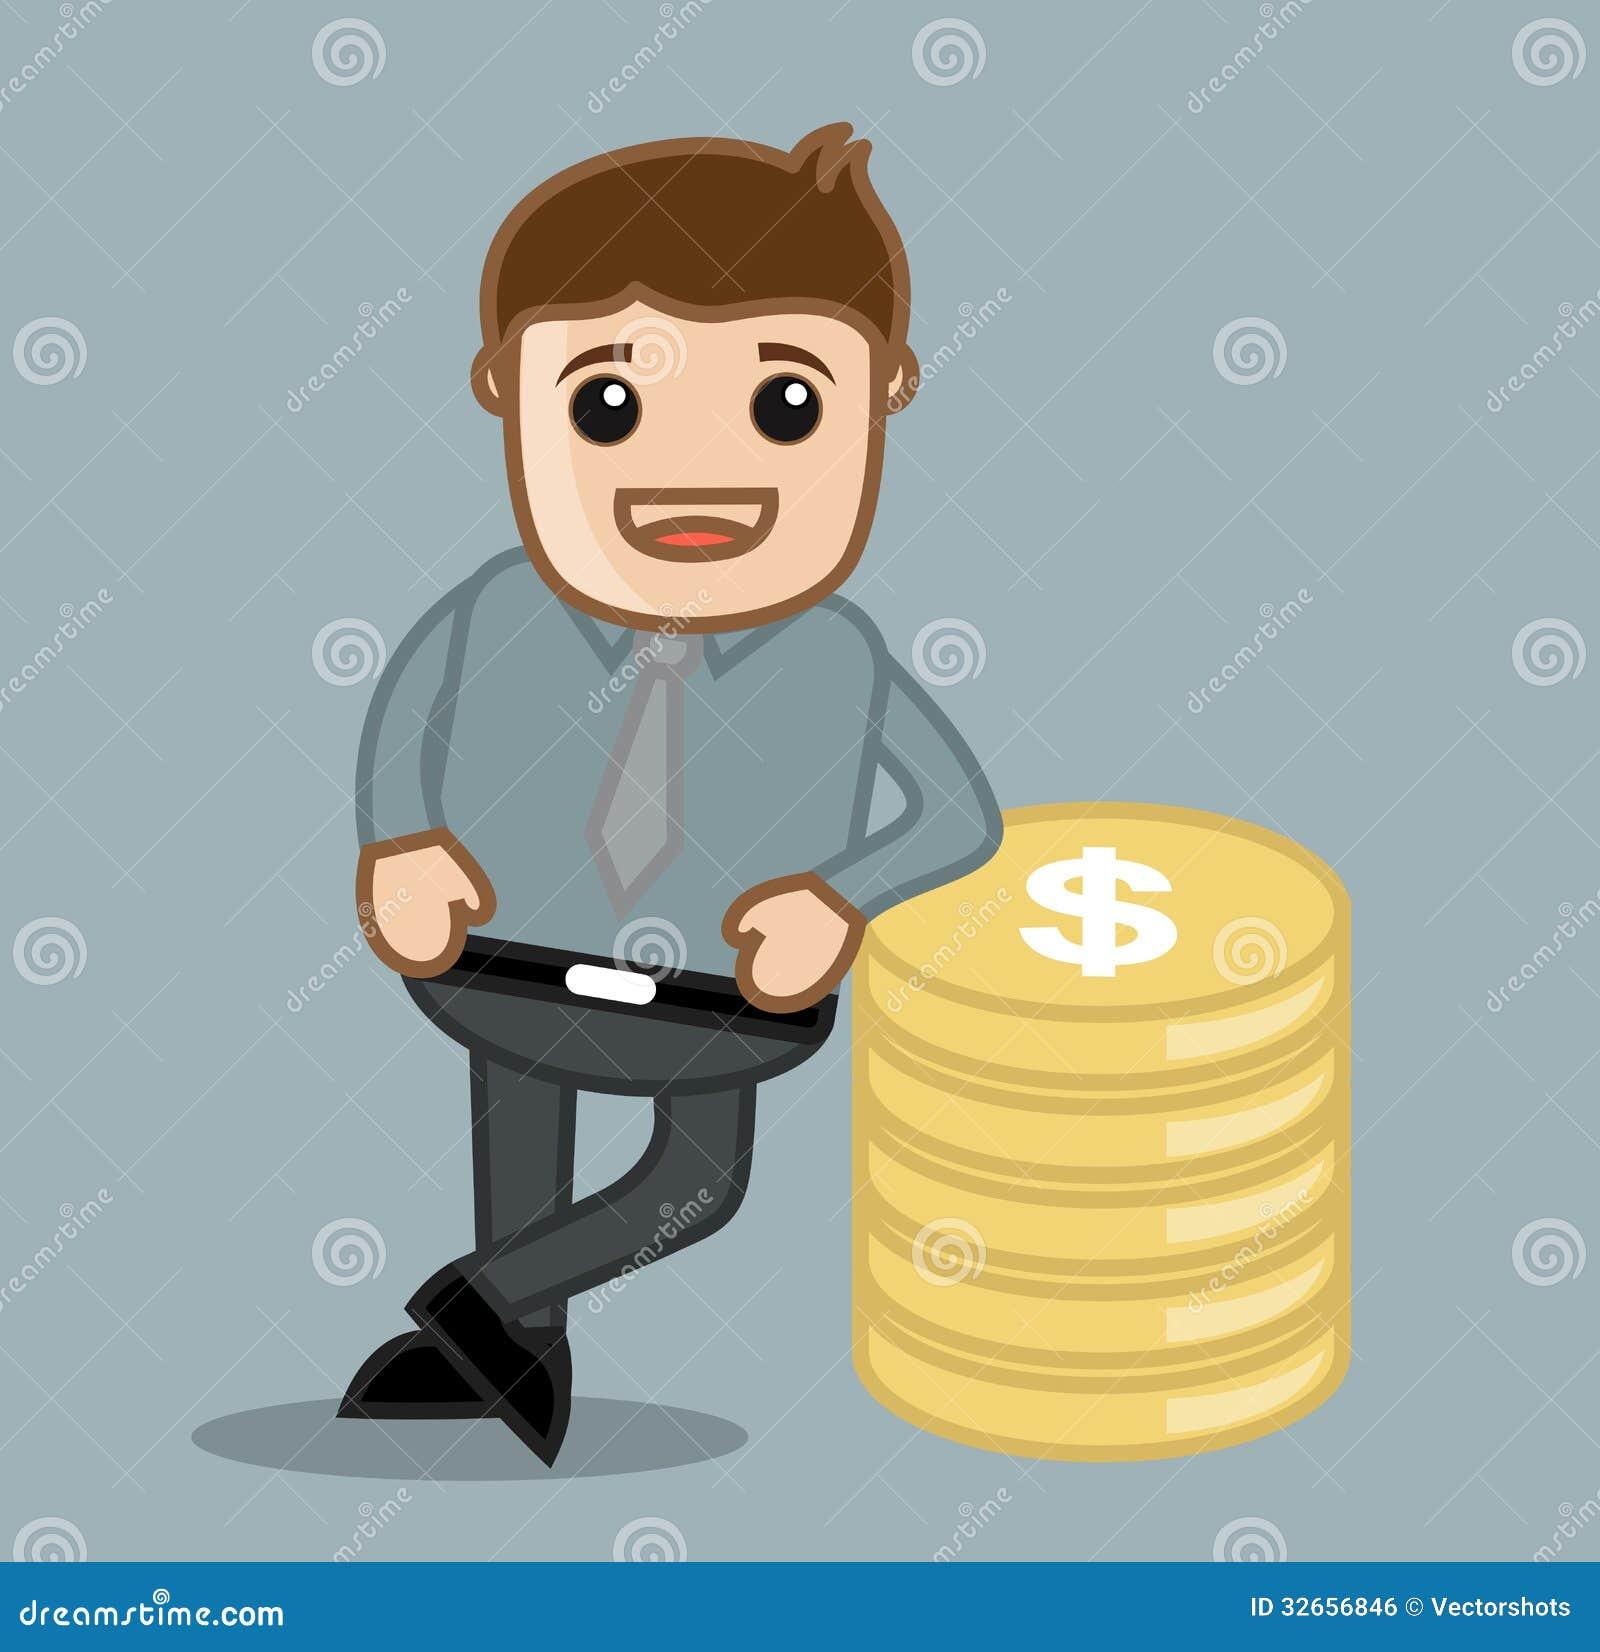 硬币-办公室和商人漫画人物传染媒介例证概念图片